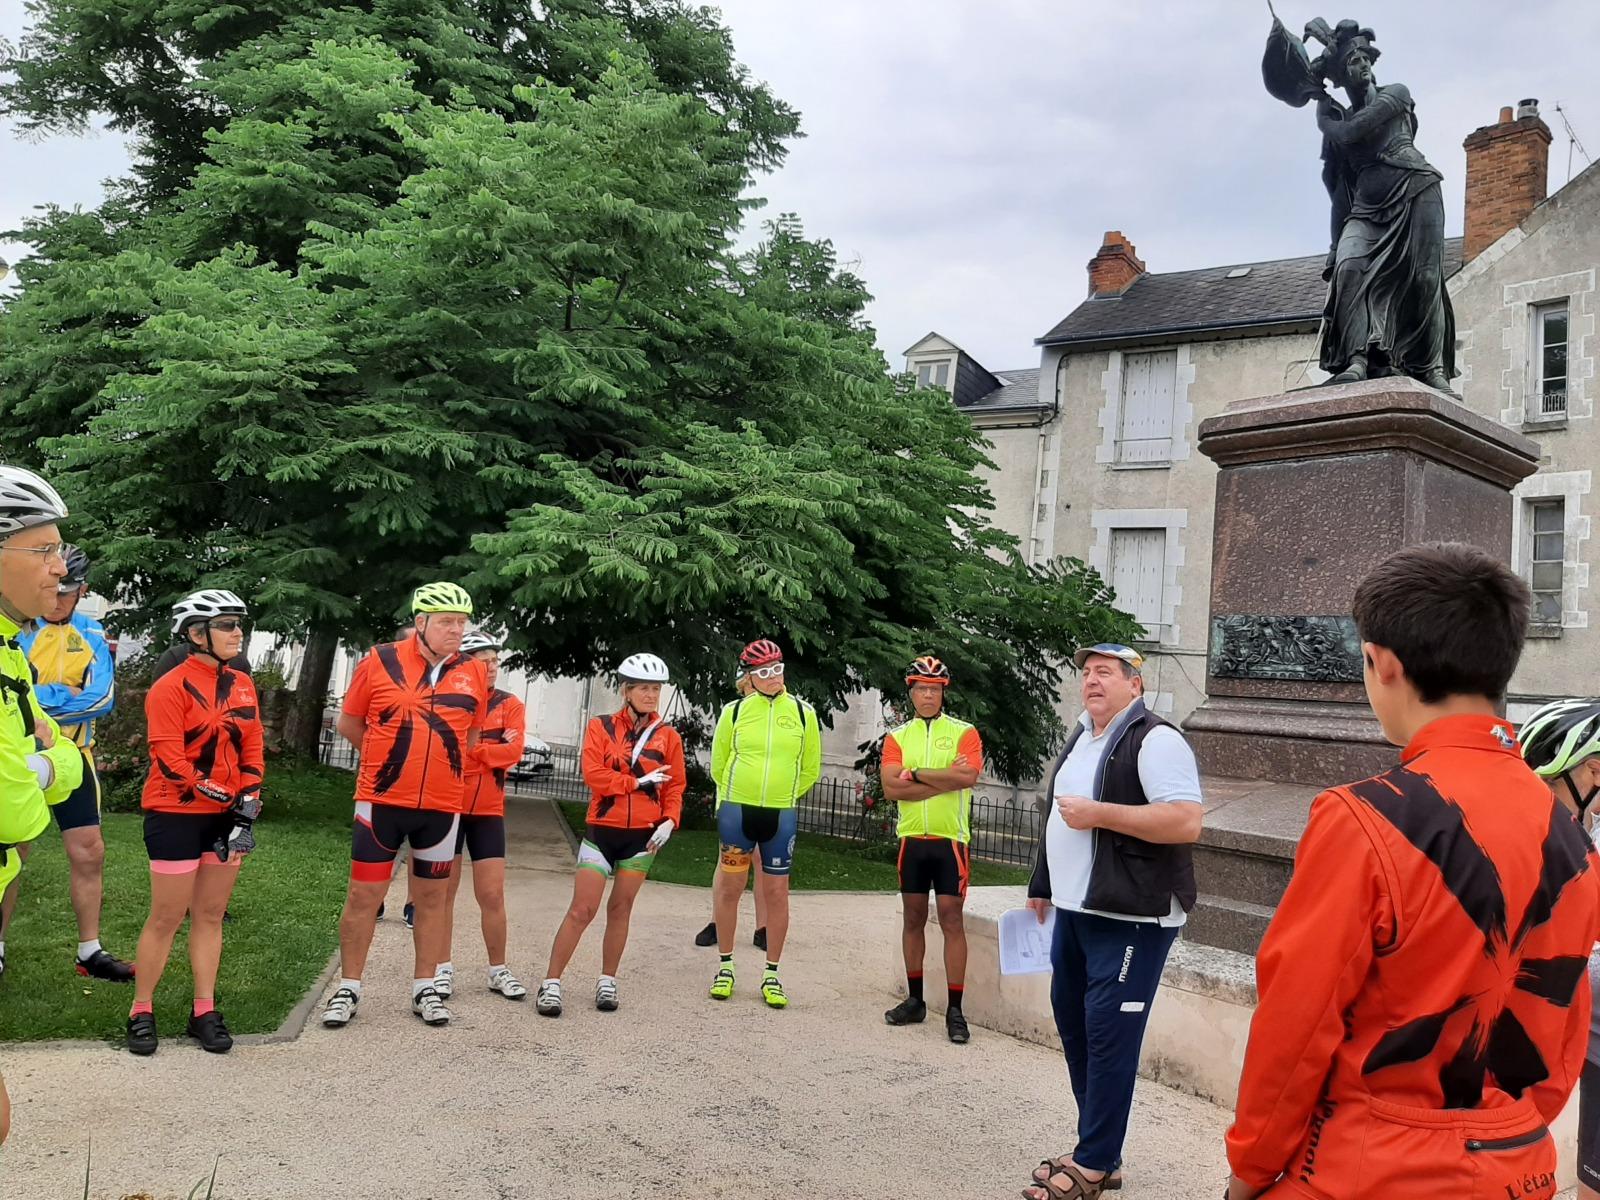 20210703_092902-Autour-de-la-statue-de-Jeanne-dArc-rue-des-tourelles